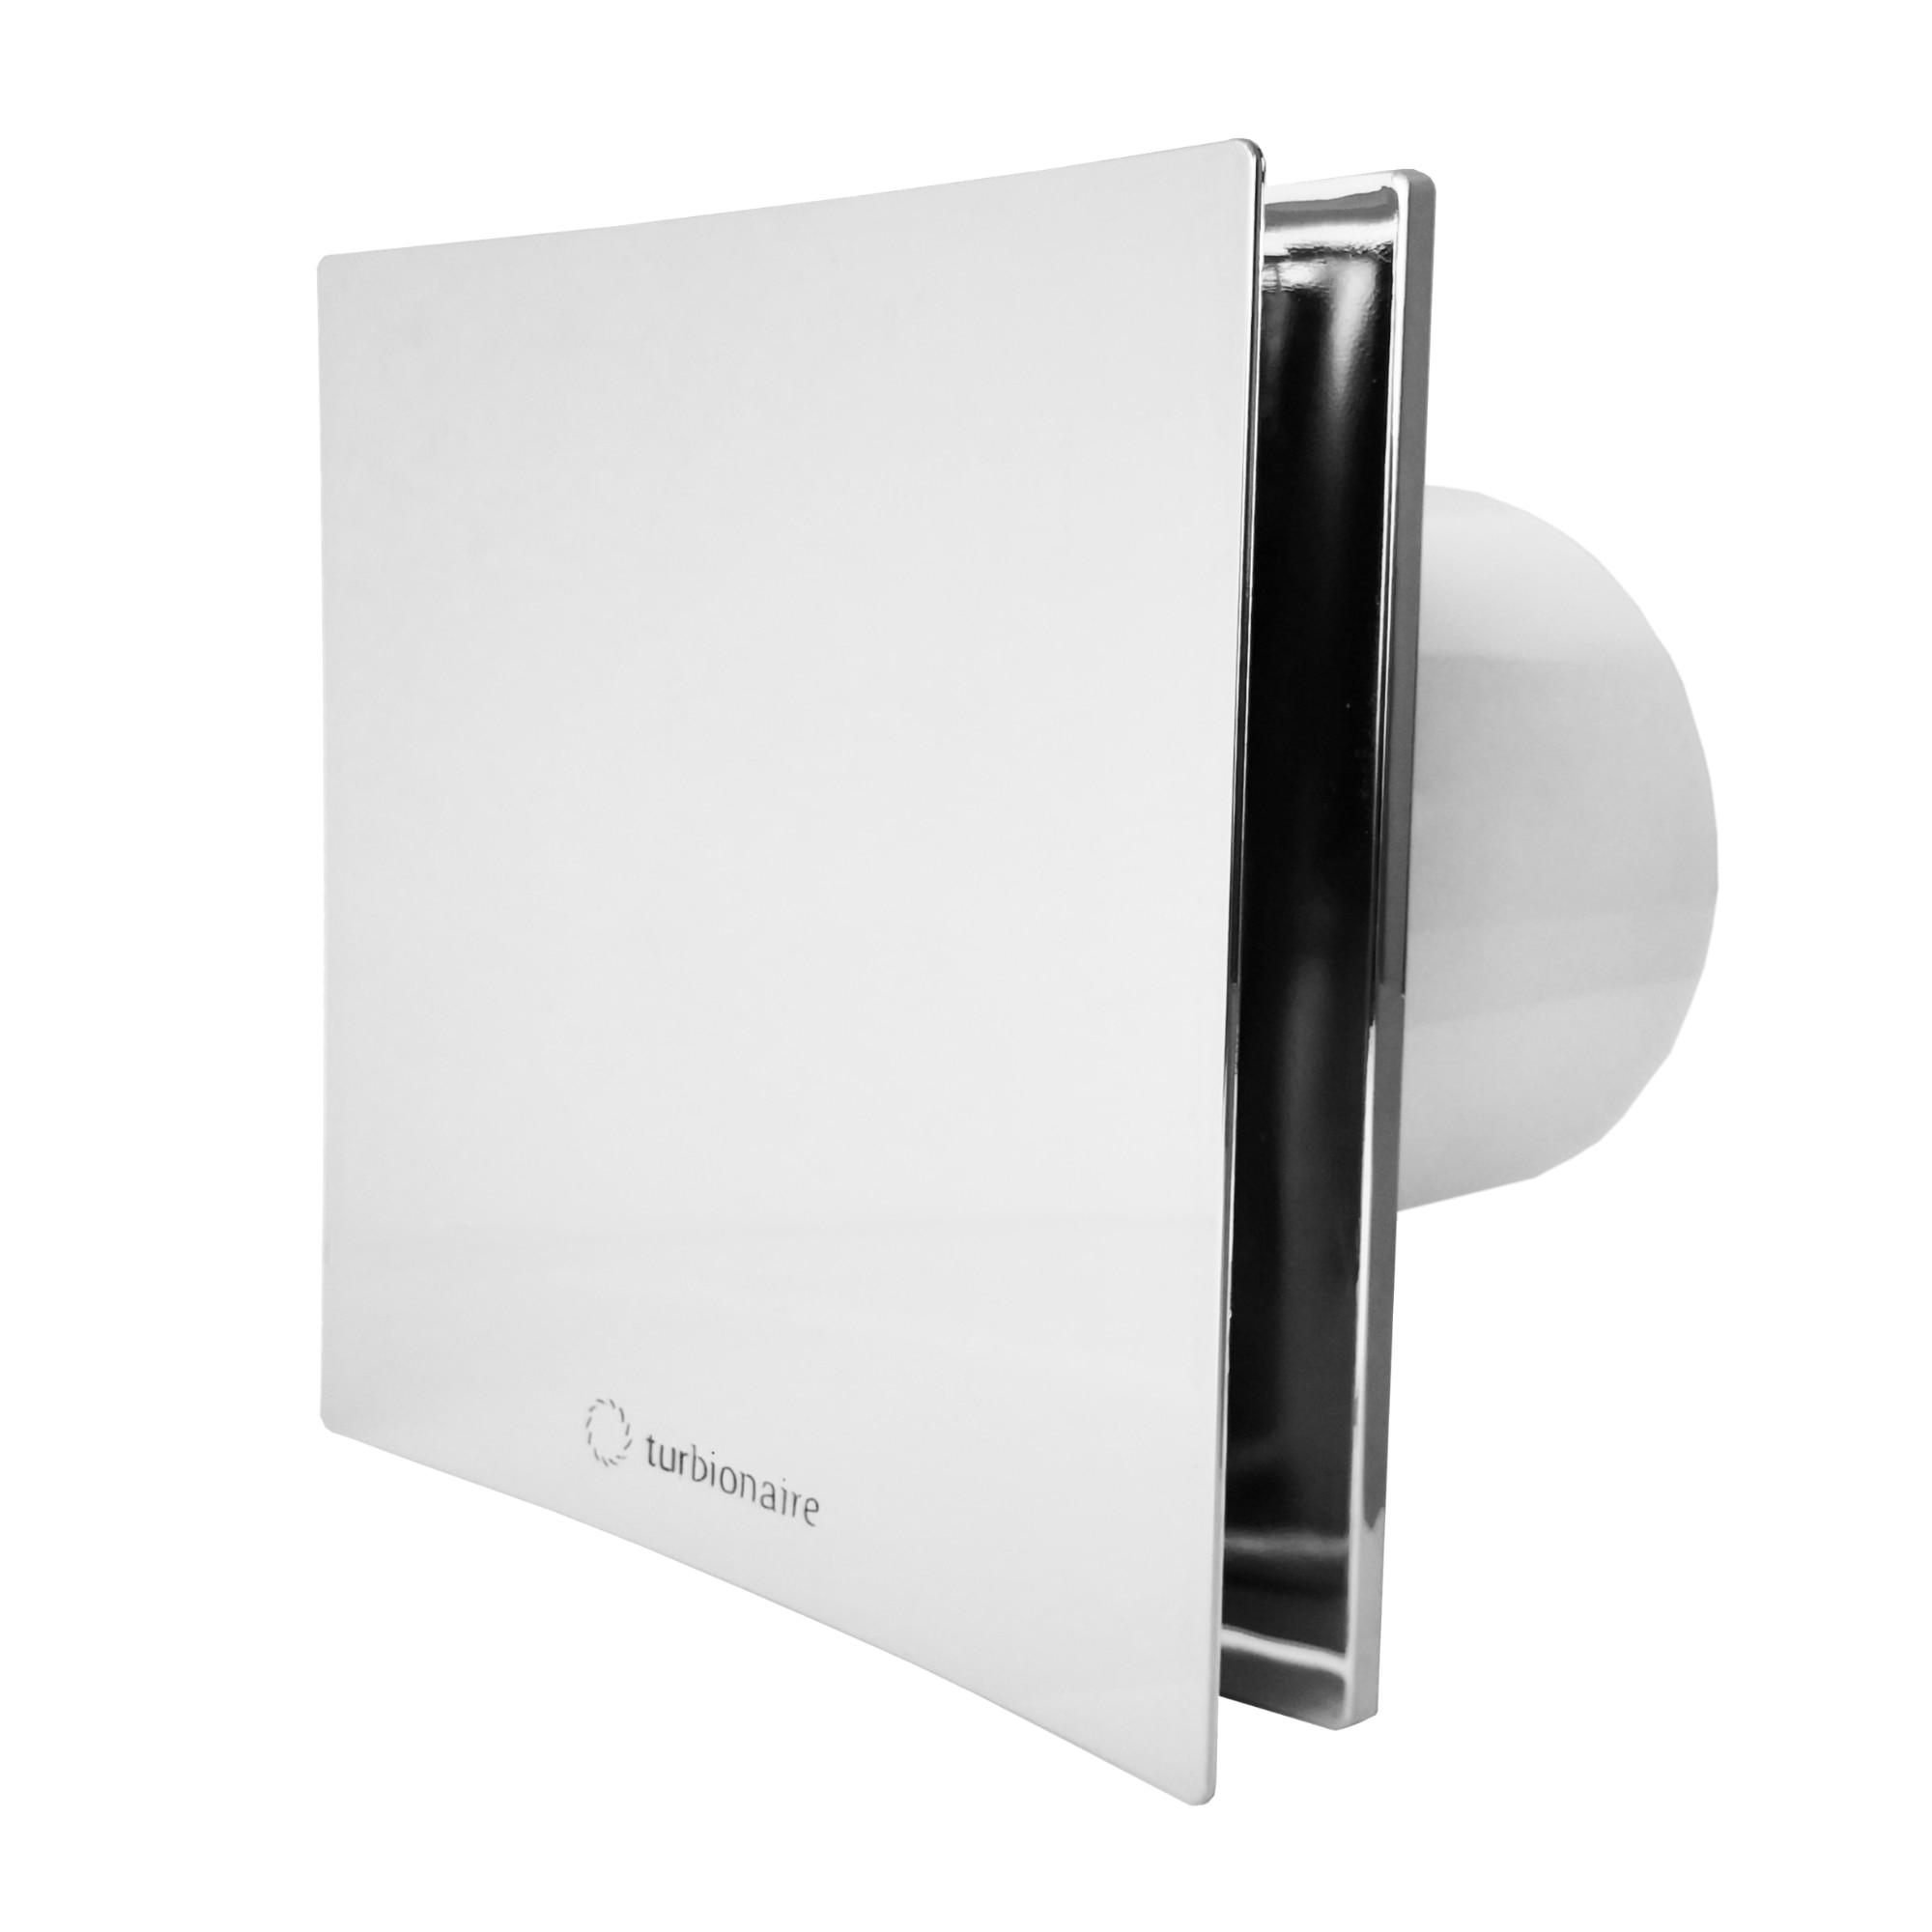 Fotografie Ventilator baie Turbionaire ARTE 100 SC, clapeta antiretur, aspiratie perimetrala, IPX4, 100 mm, Crom